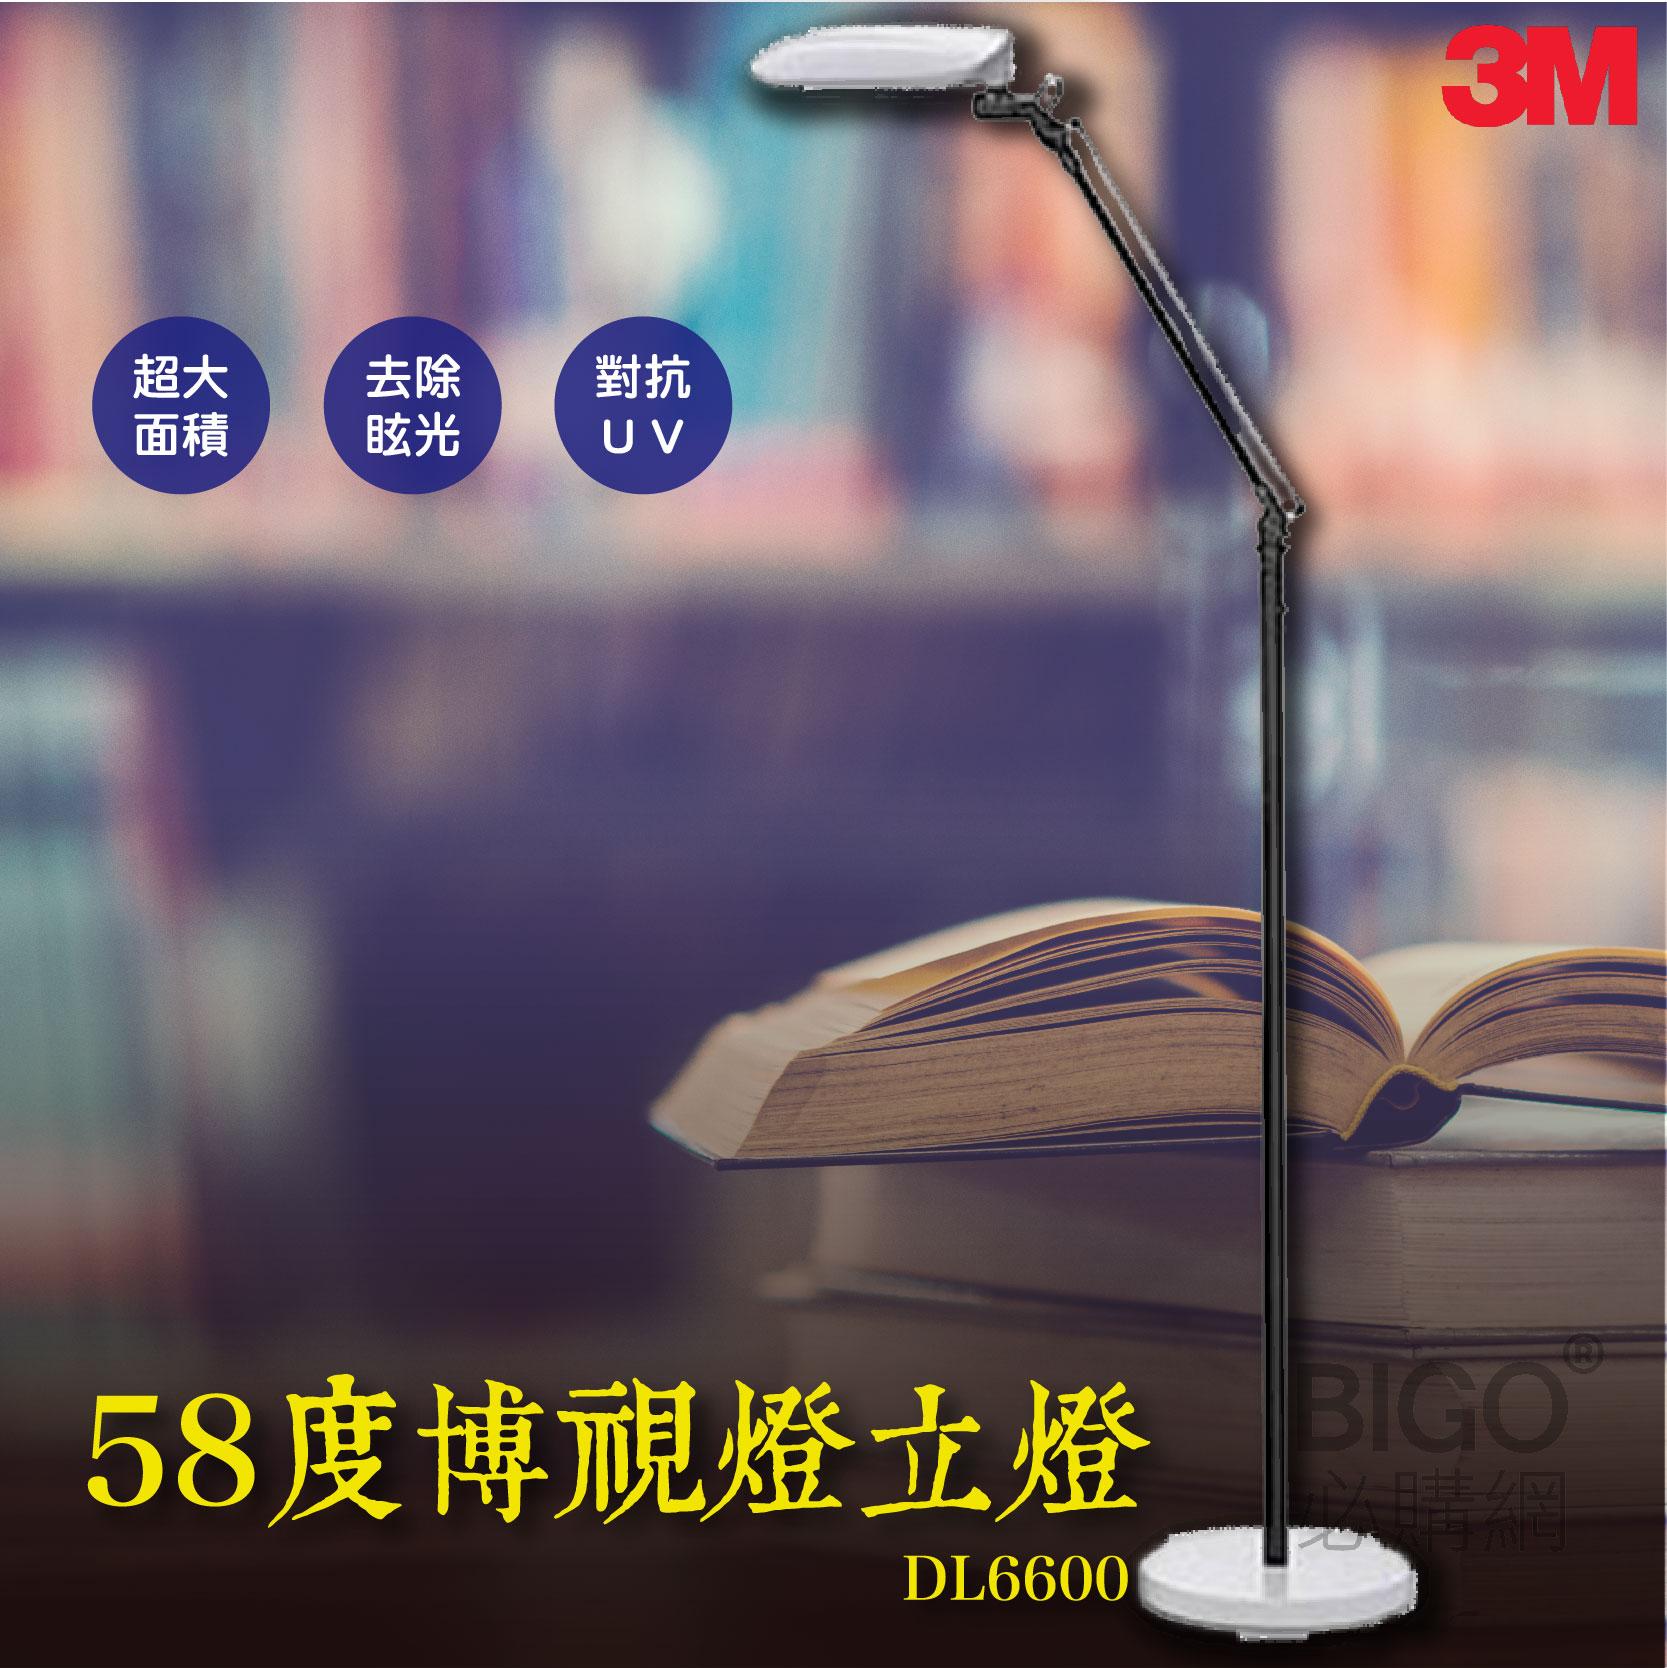 【原廠3M博視燈】58度博視燈立燈DL6600-氣質白 眼科醫師推薦 護眼 裝飾燈 客廳 閱讀燈 抗眩光 落地燈